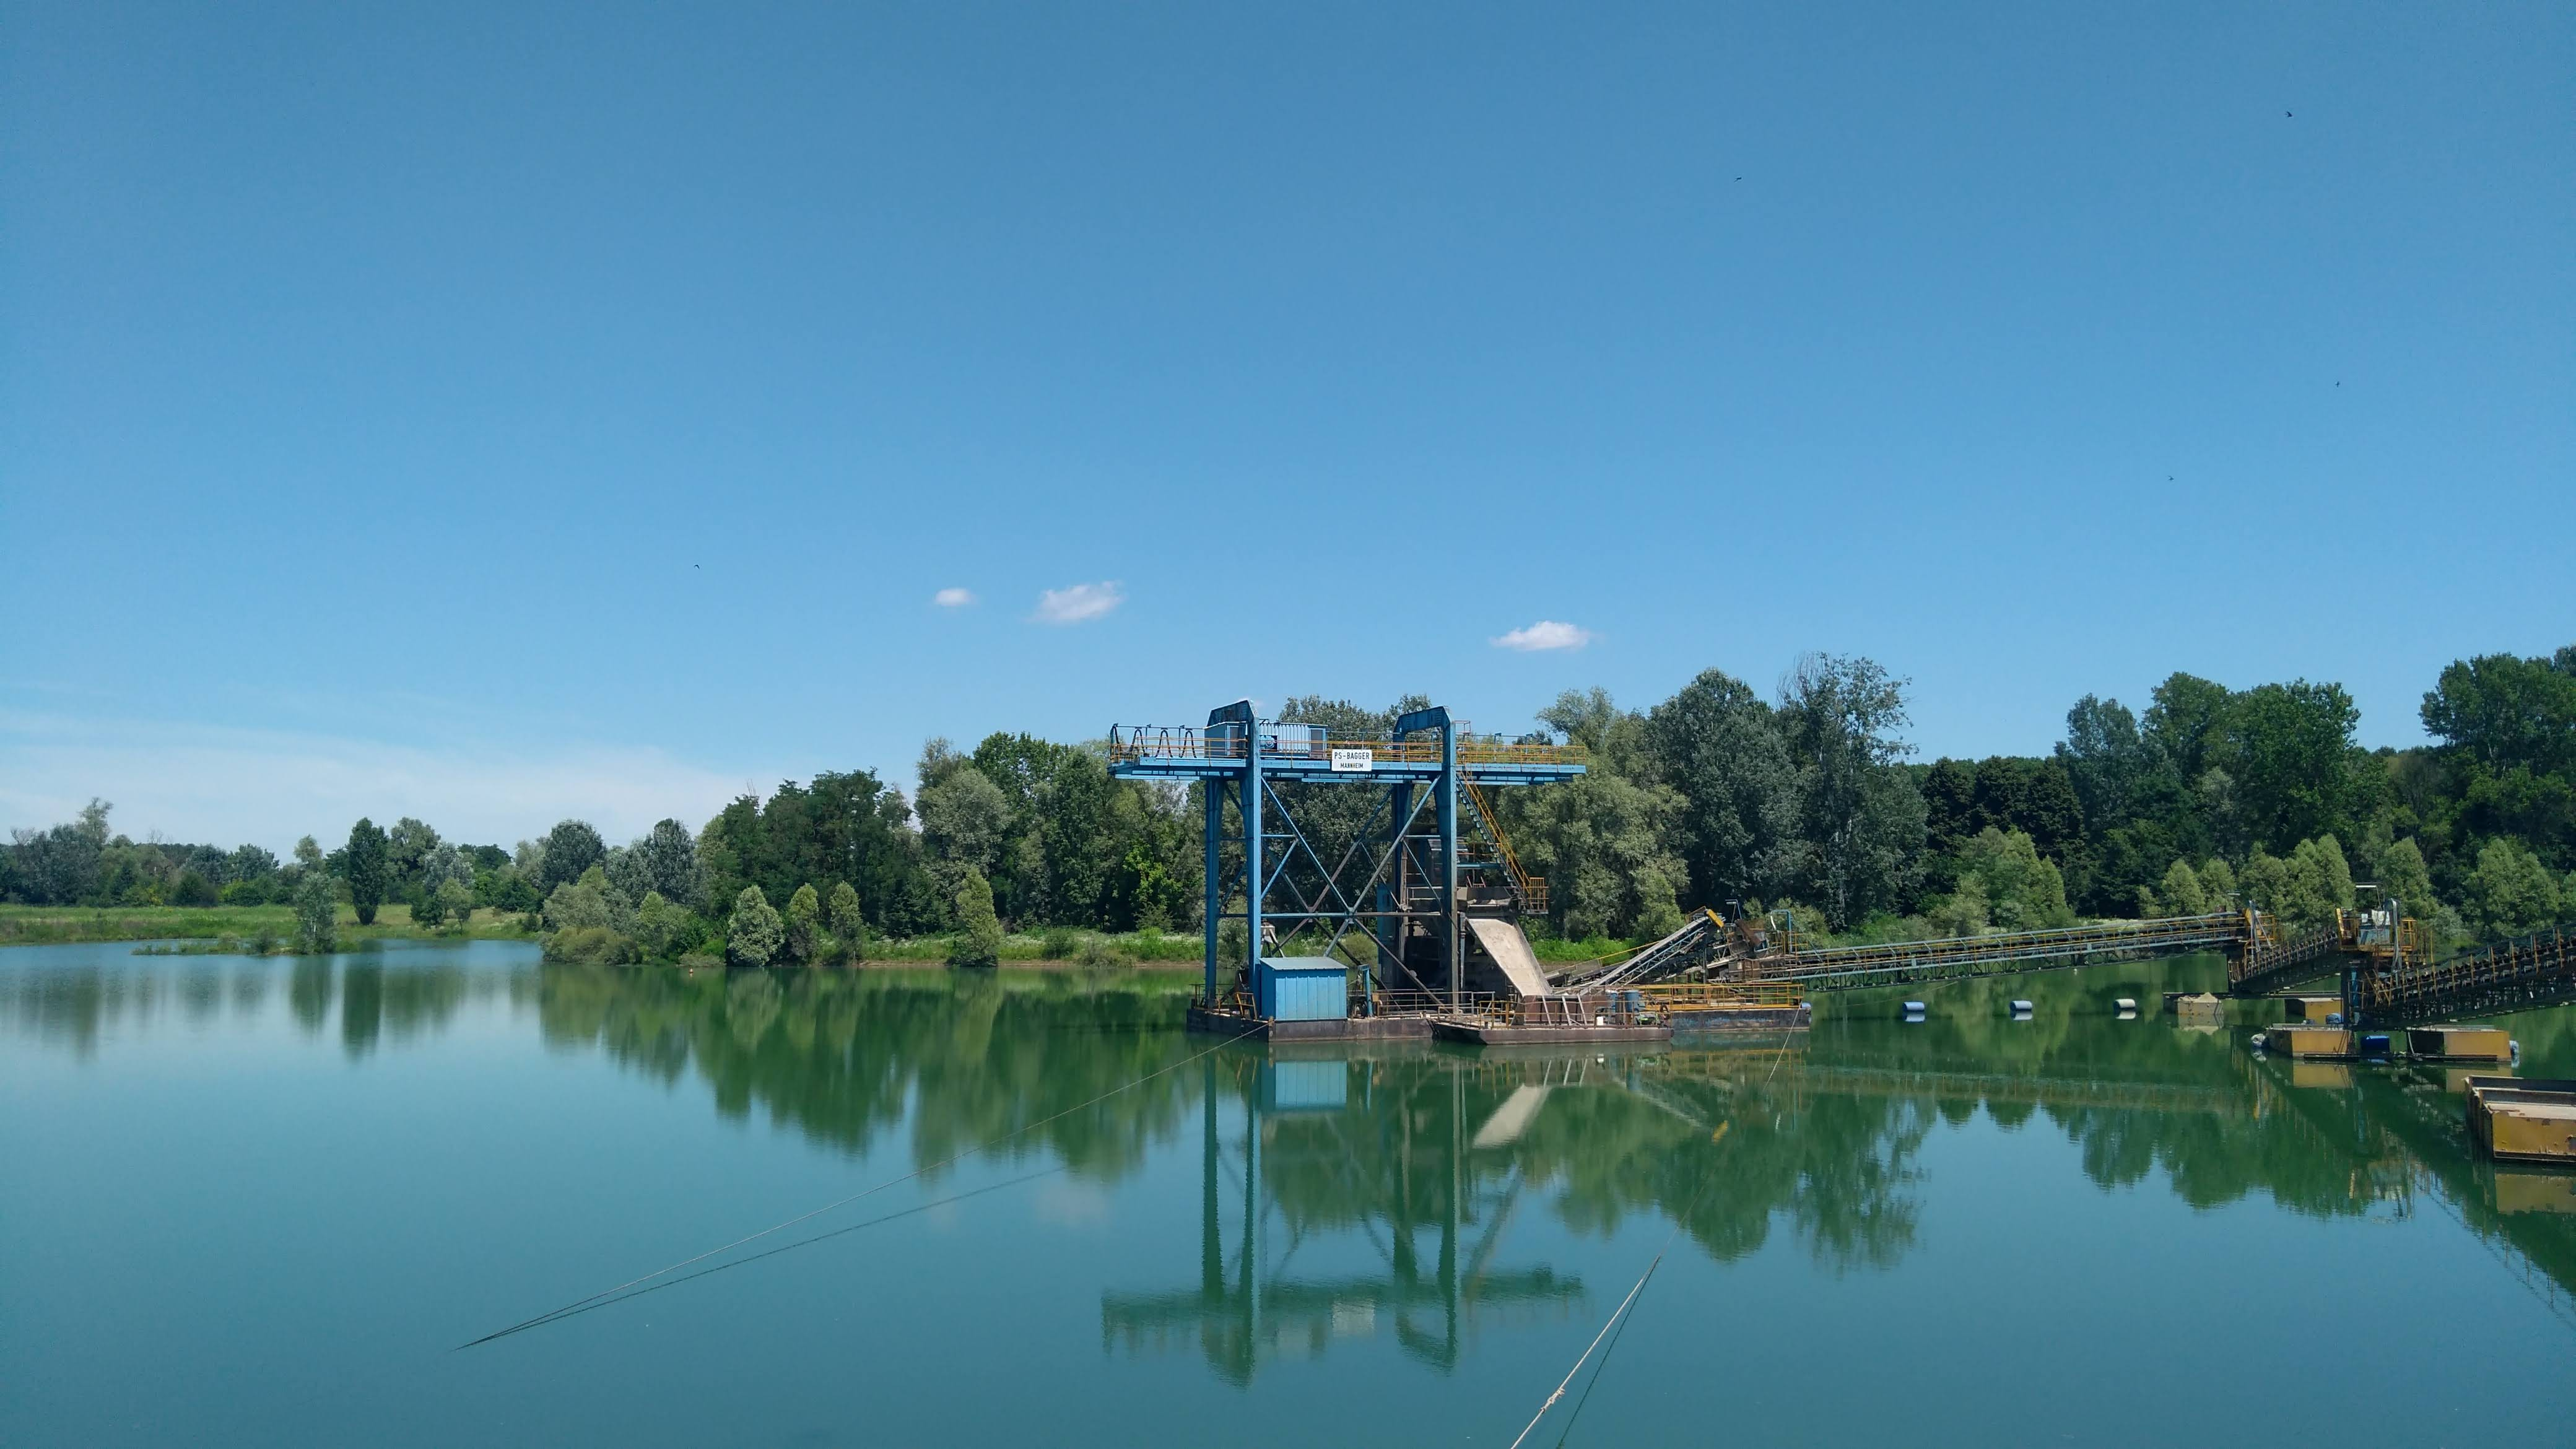 lago e impianto